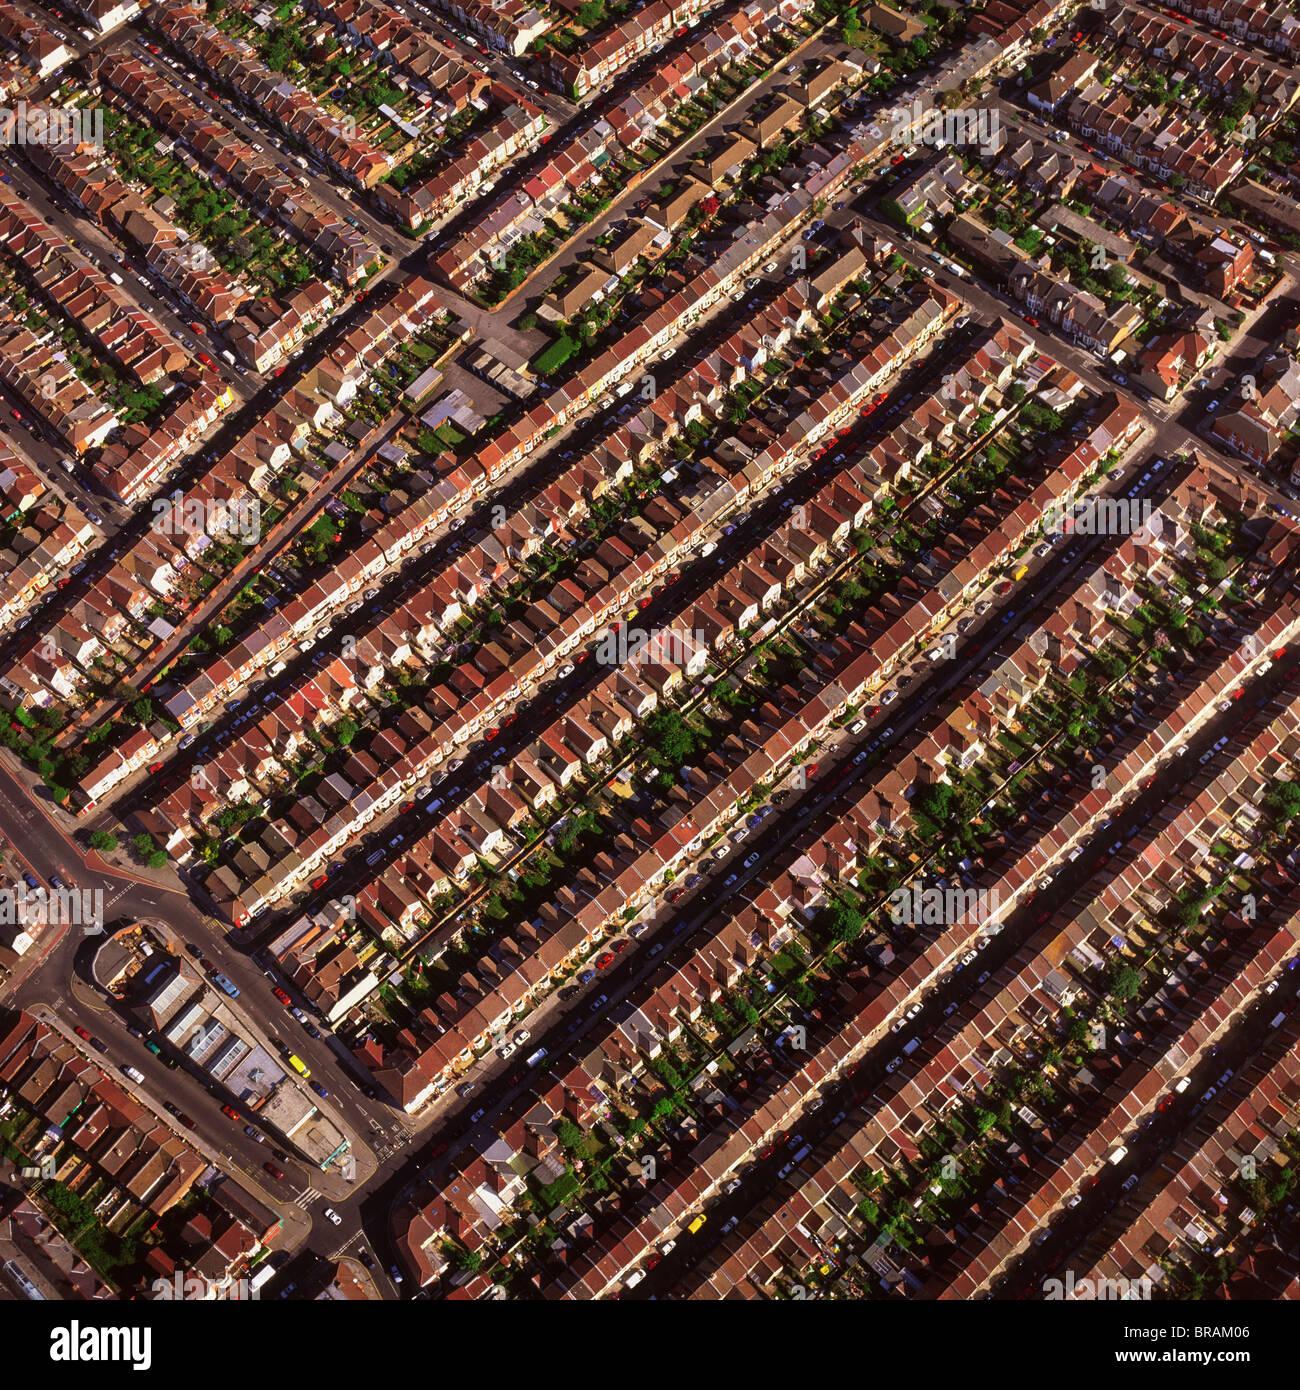 Aerial image of terraced housing, Portsmouth, Hampshire, England, United Kingdom, Europe - Stock Image